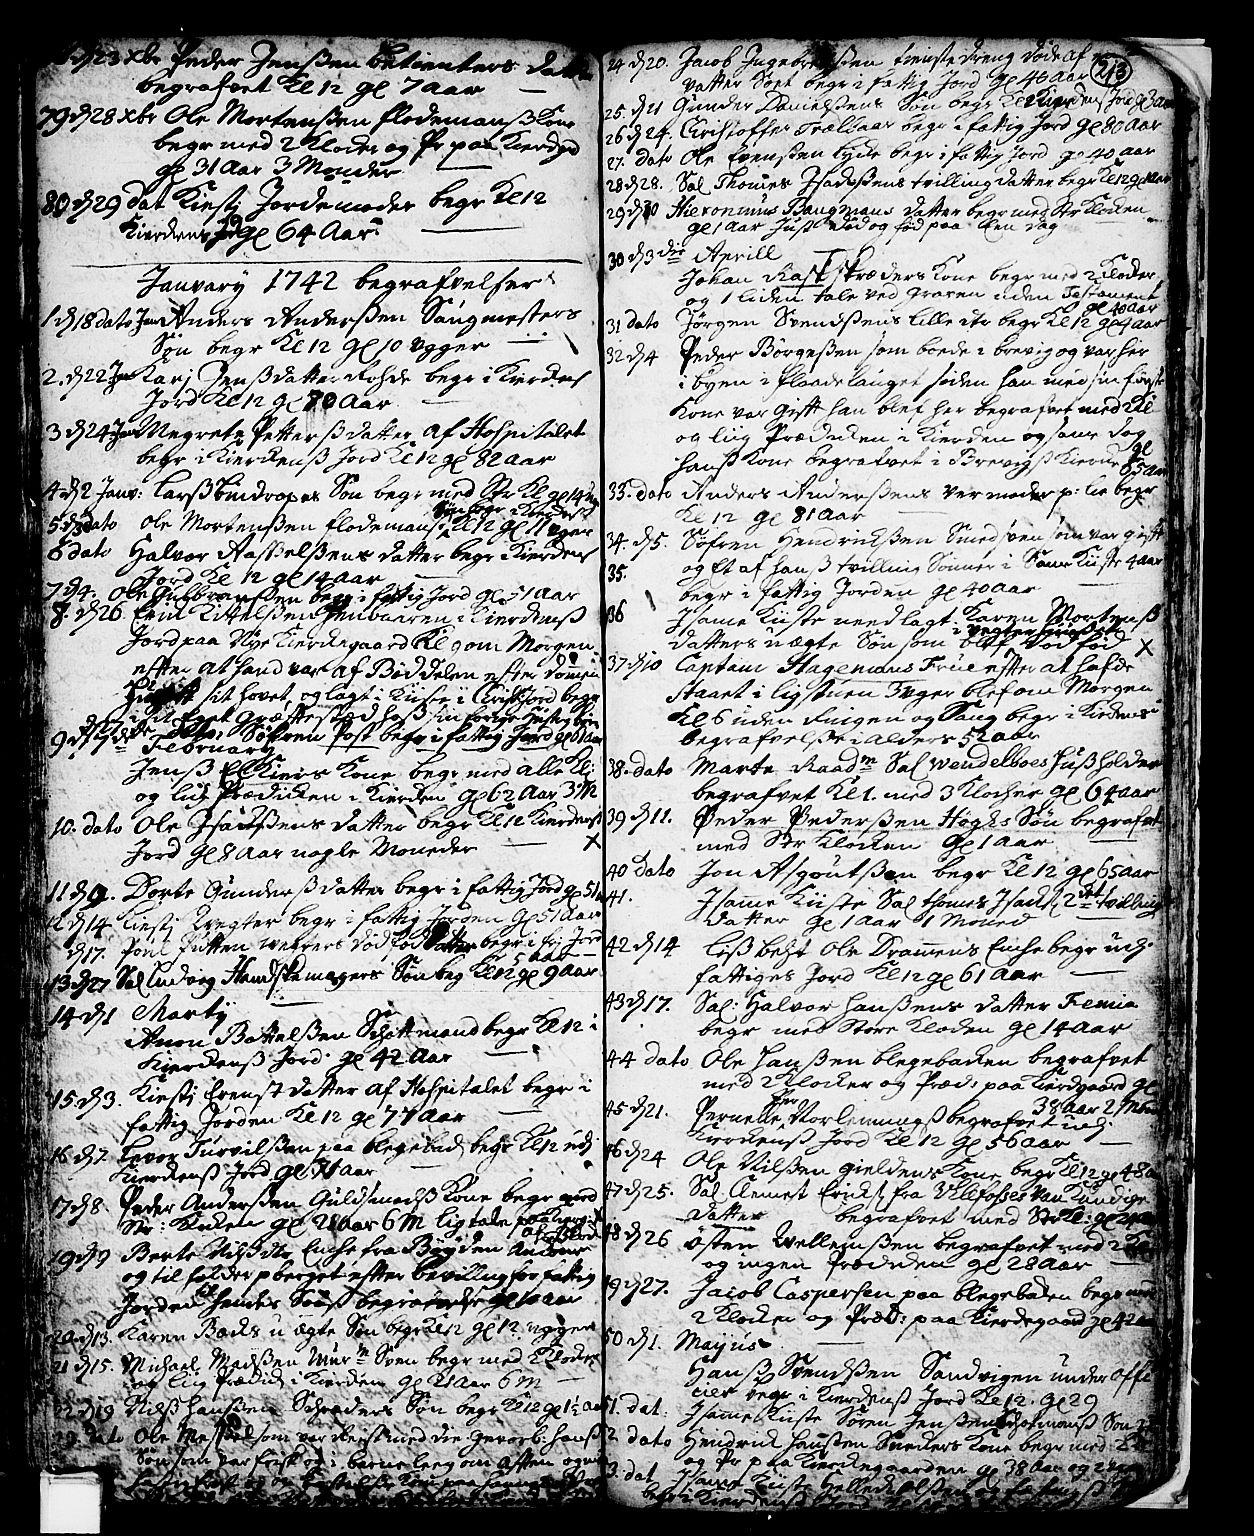 SAKO, Skien kirkebøker, F/Fa/L0002: Ministerialbok nr. 2, 1716-1757, s. 213